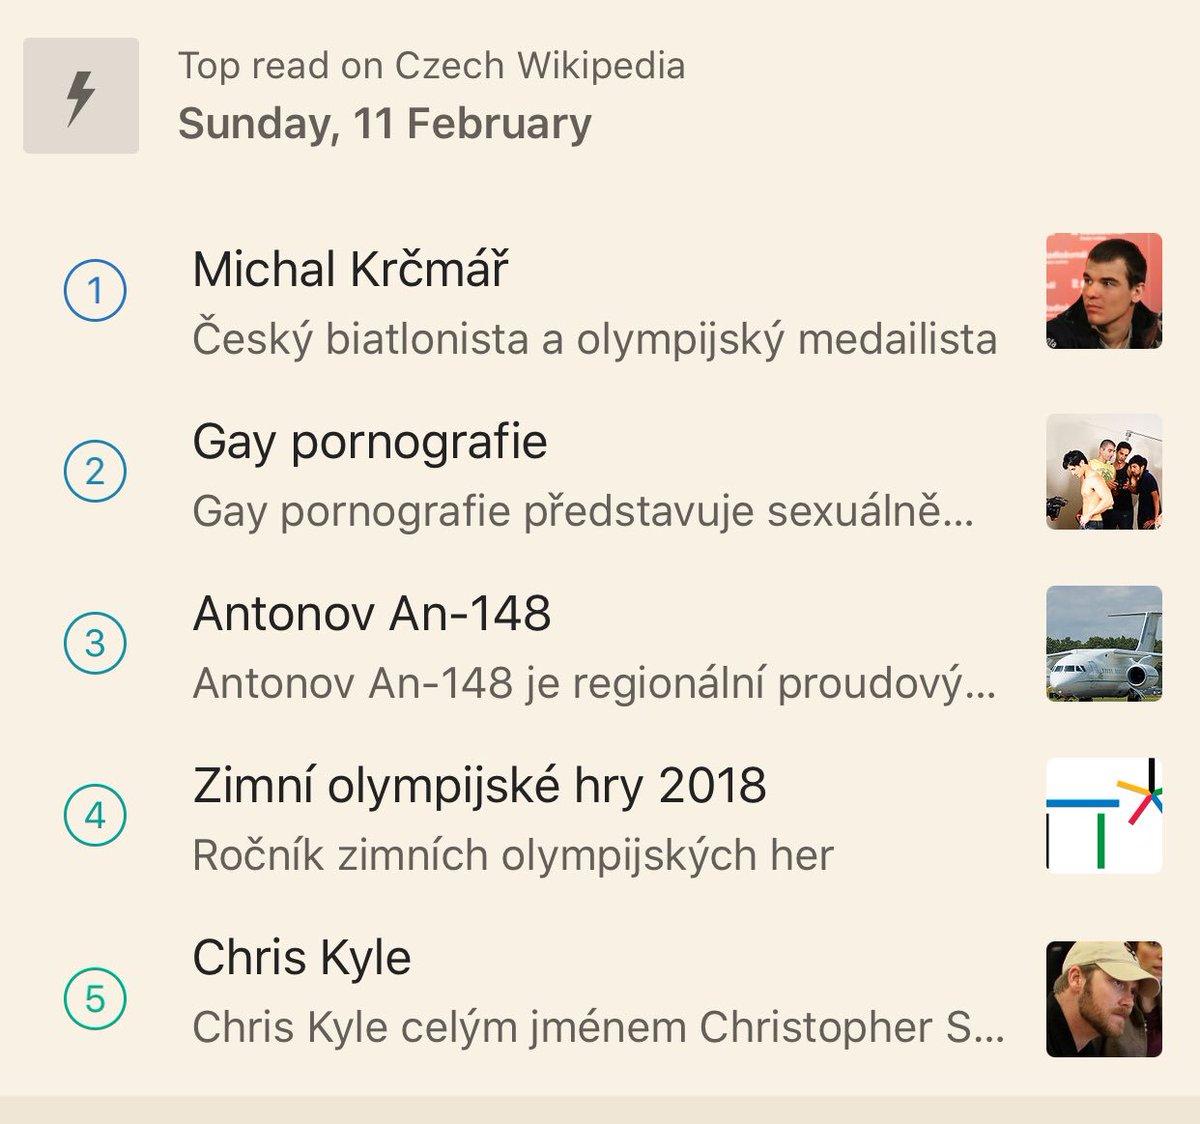 Gay tímu porno